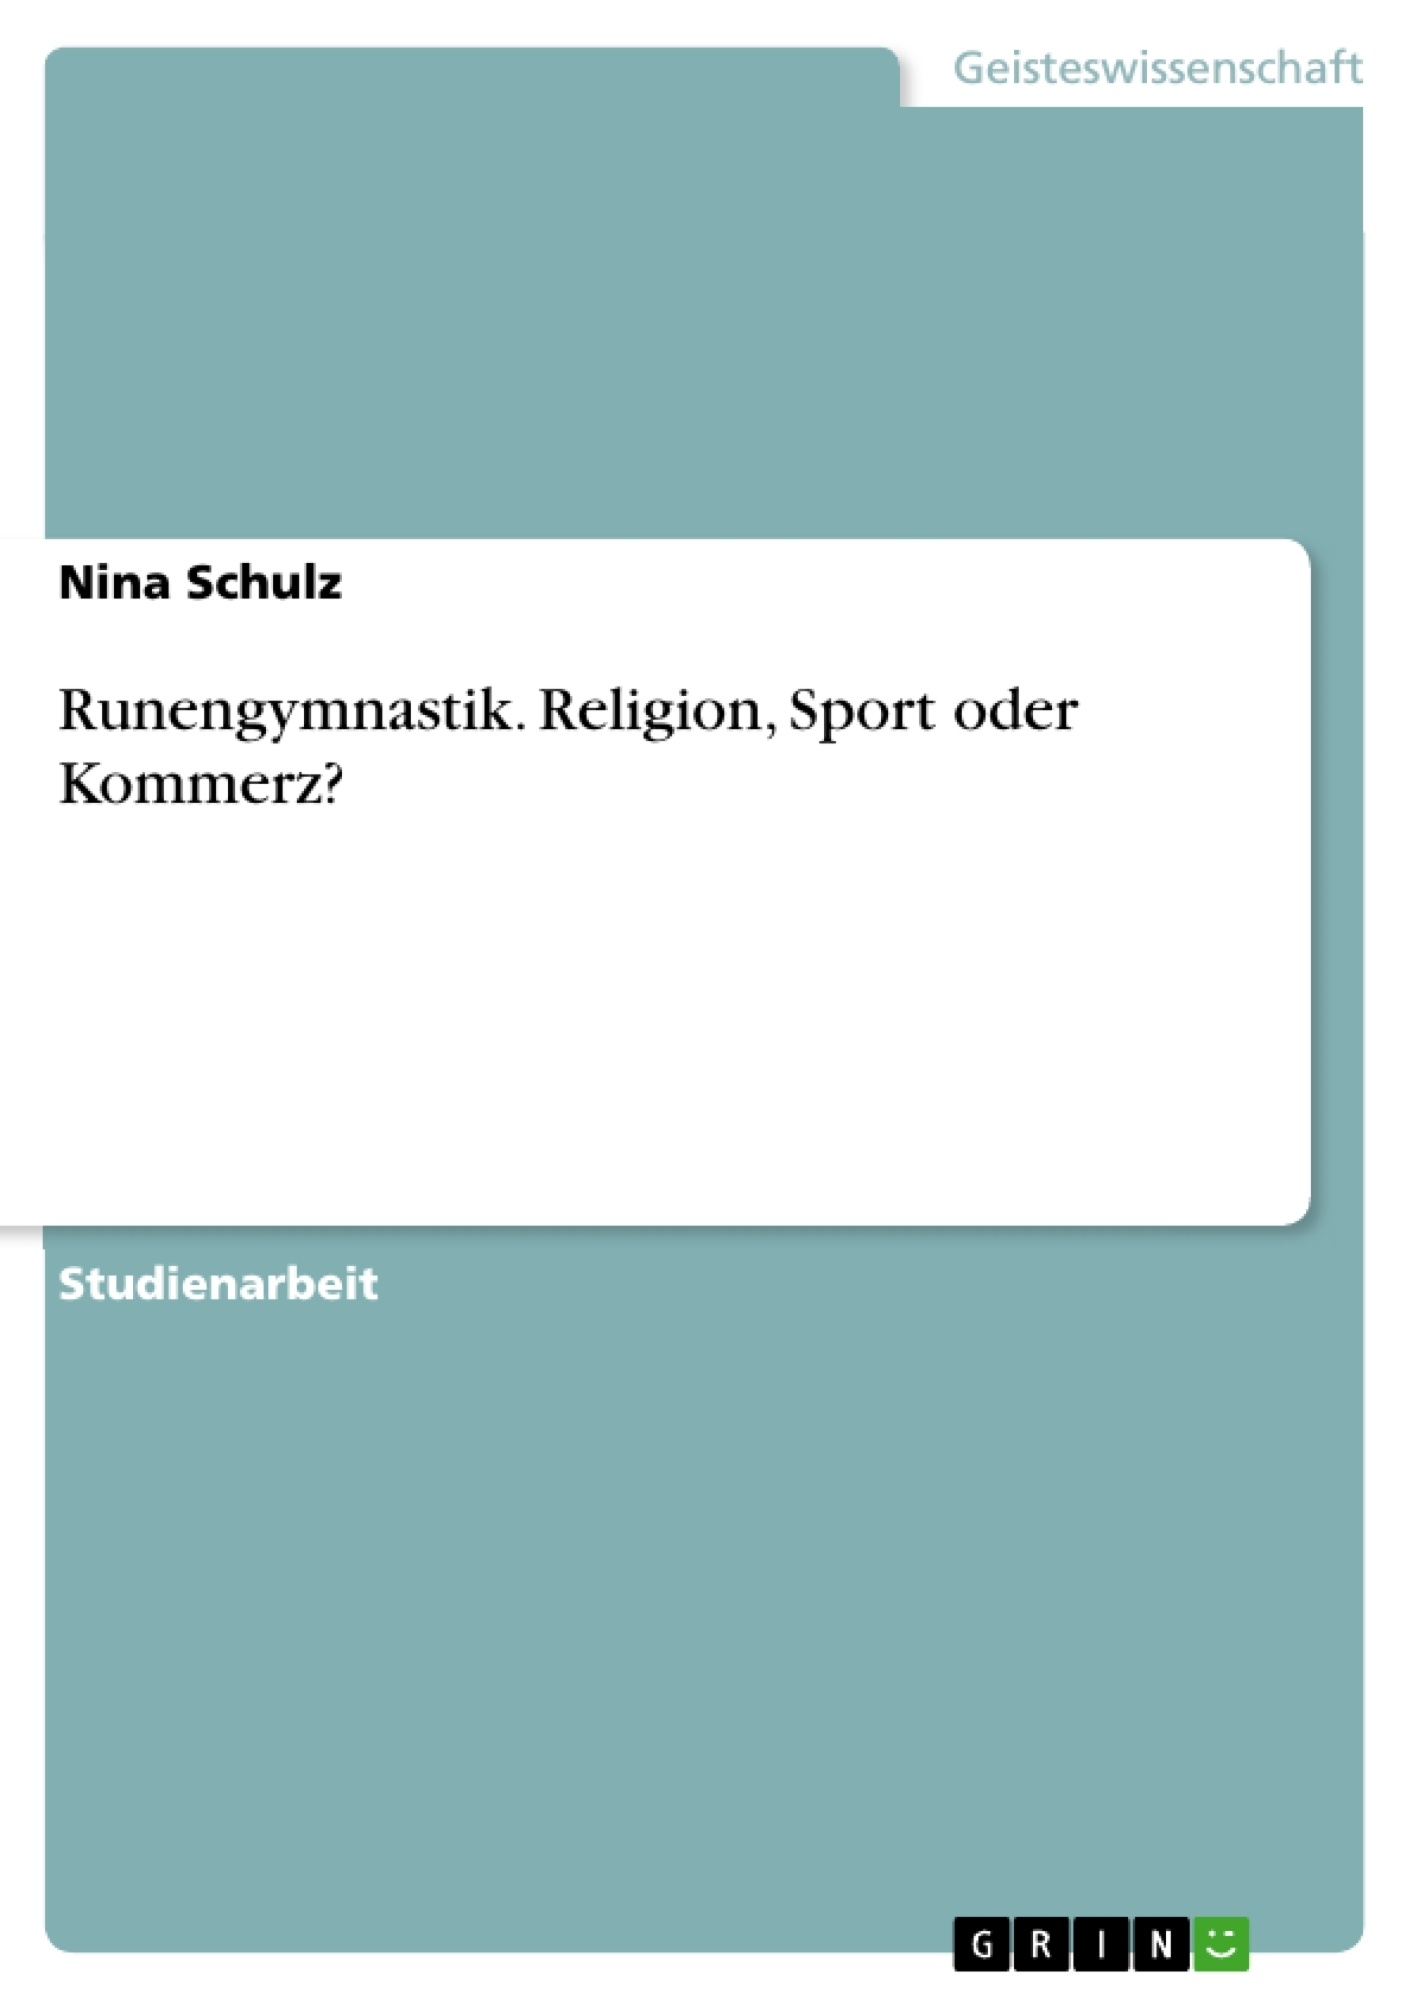 Titel: Runengymnastik. Religion, Sport oder Kommerz?